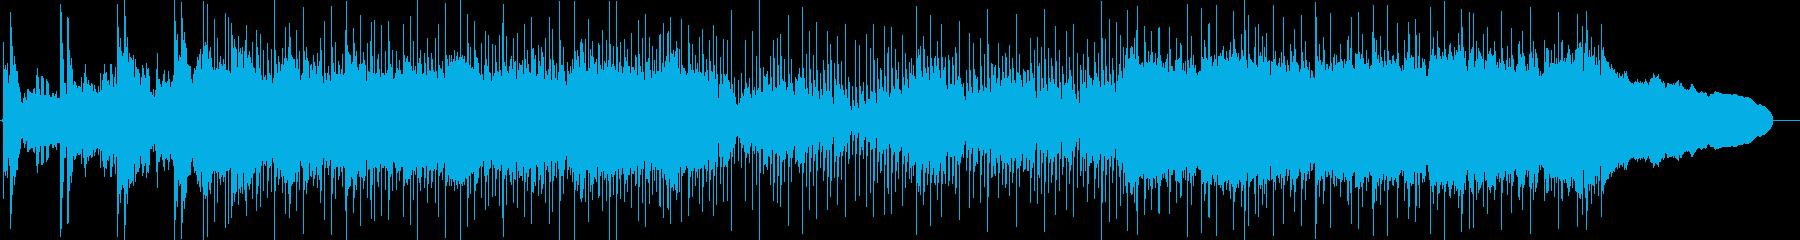 篠笛、琴、三味線、和太鼓のメタルサウンドの再生済みの波形